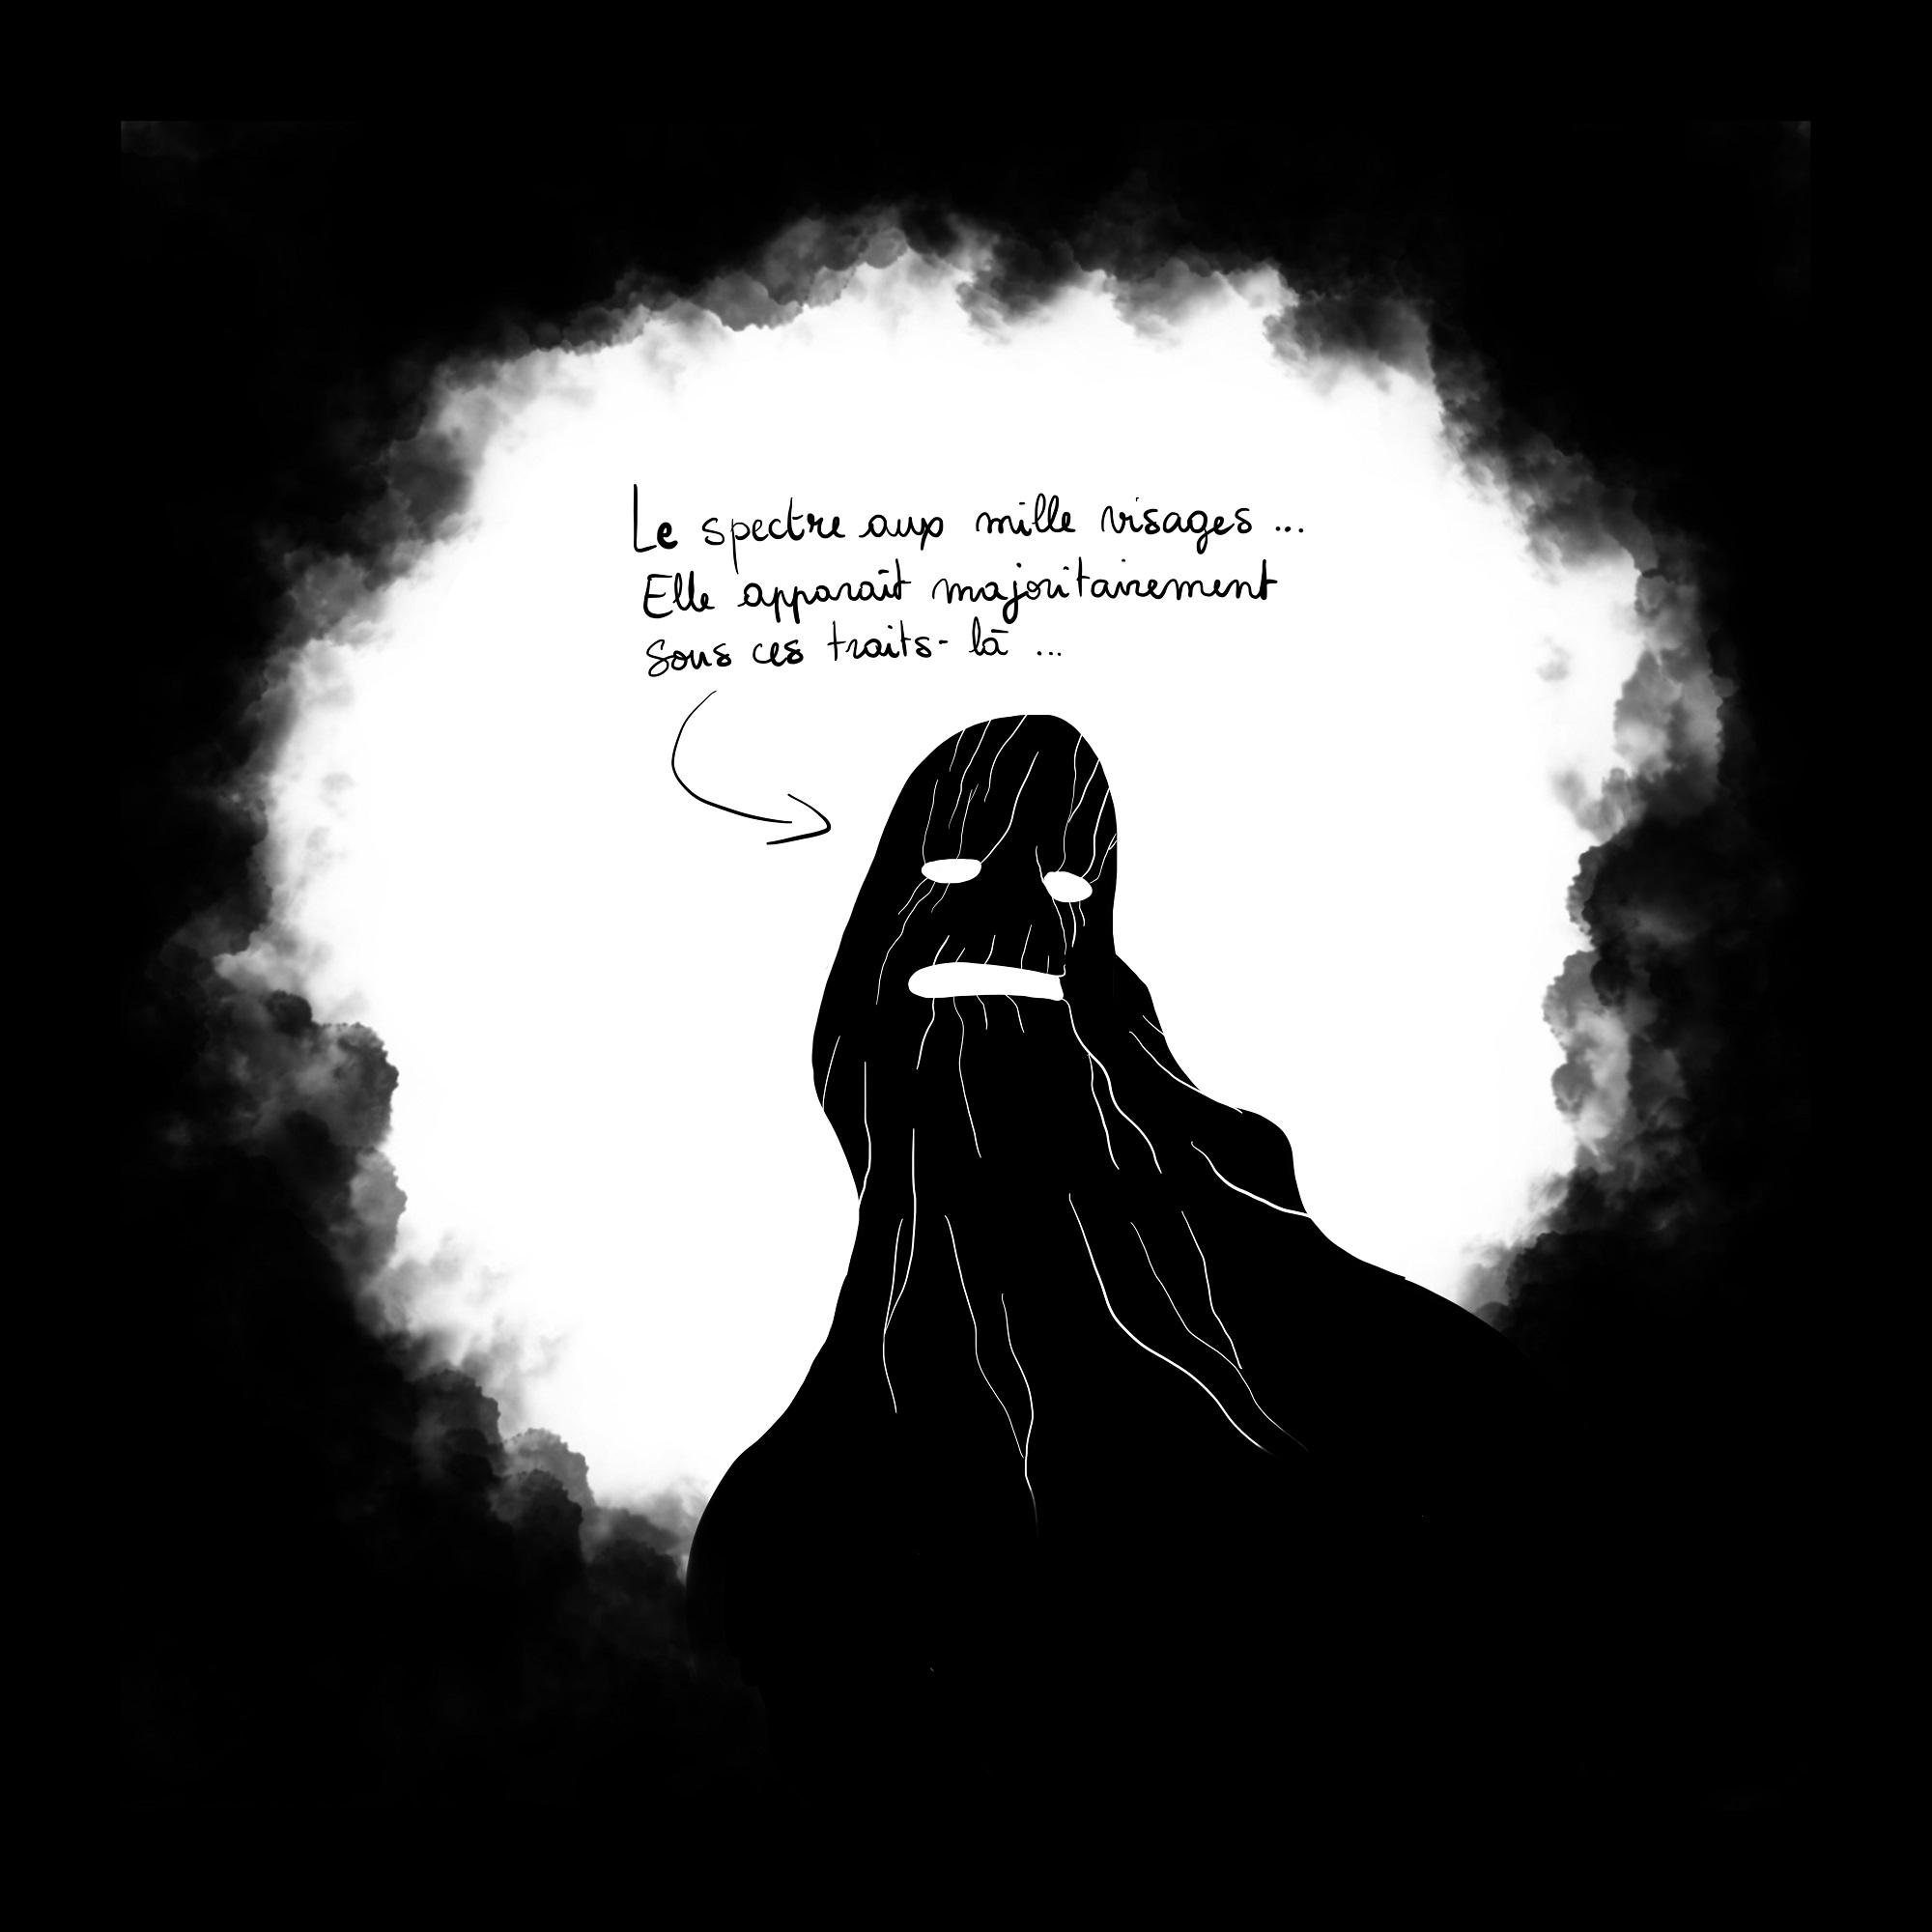 La bête noire